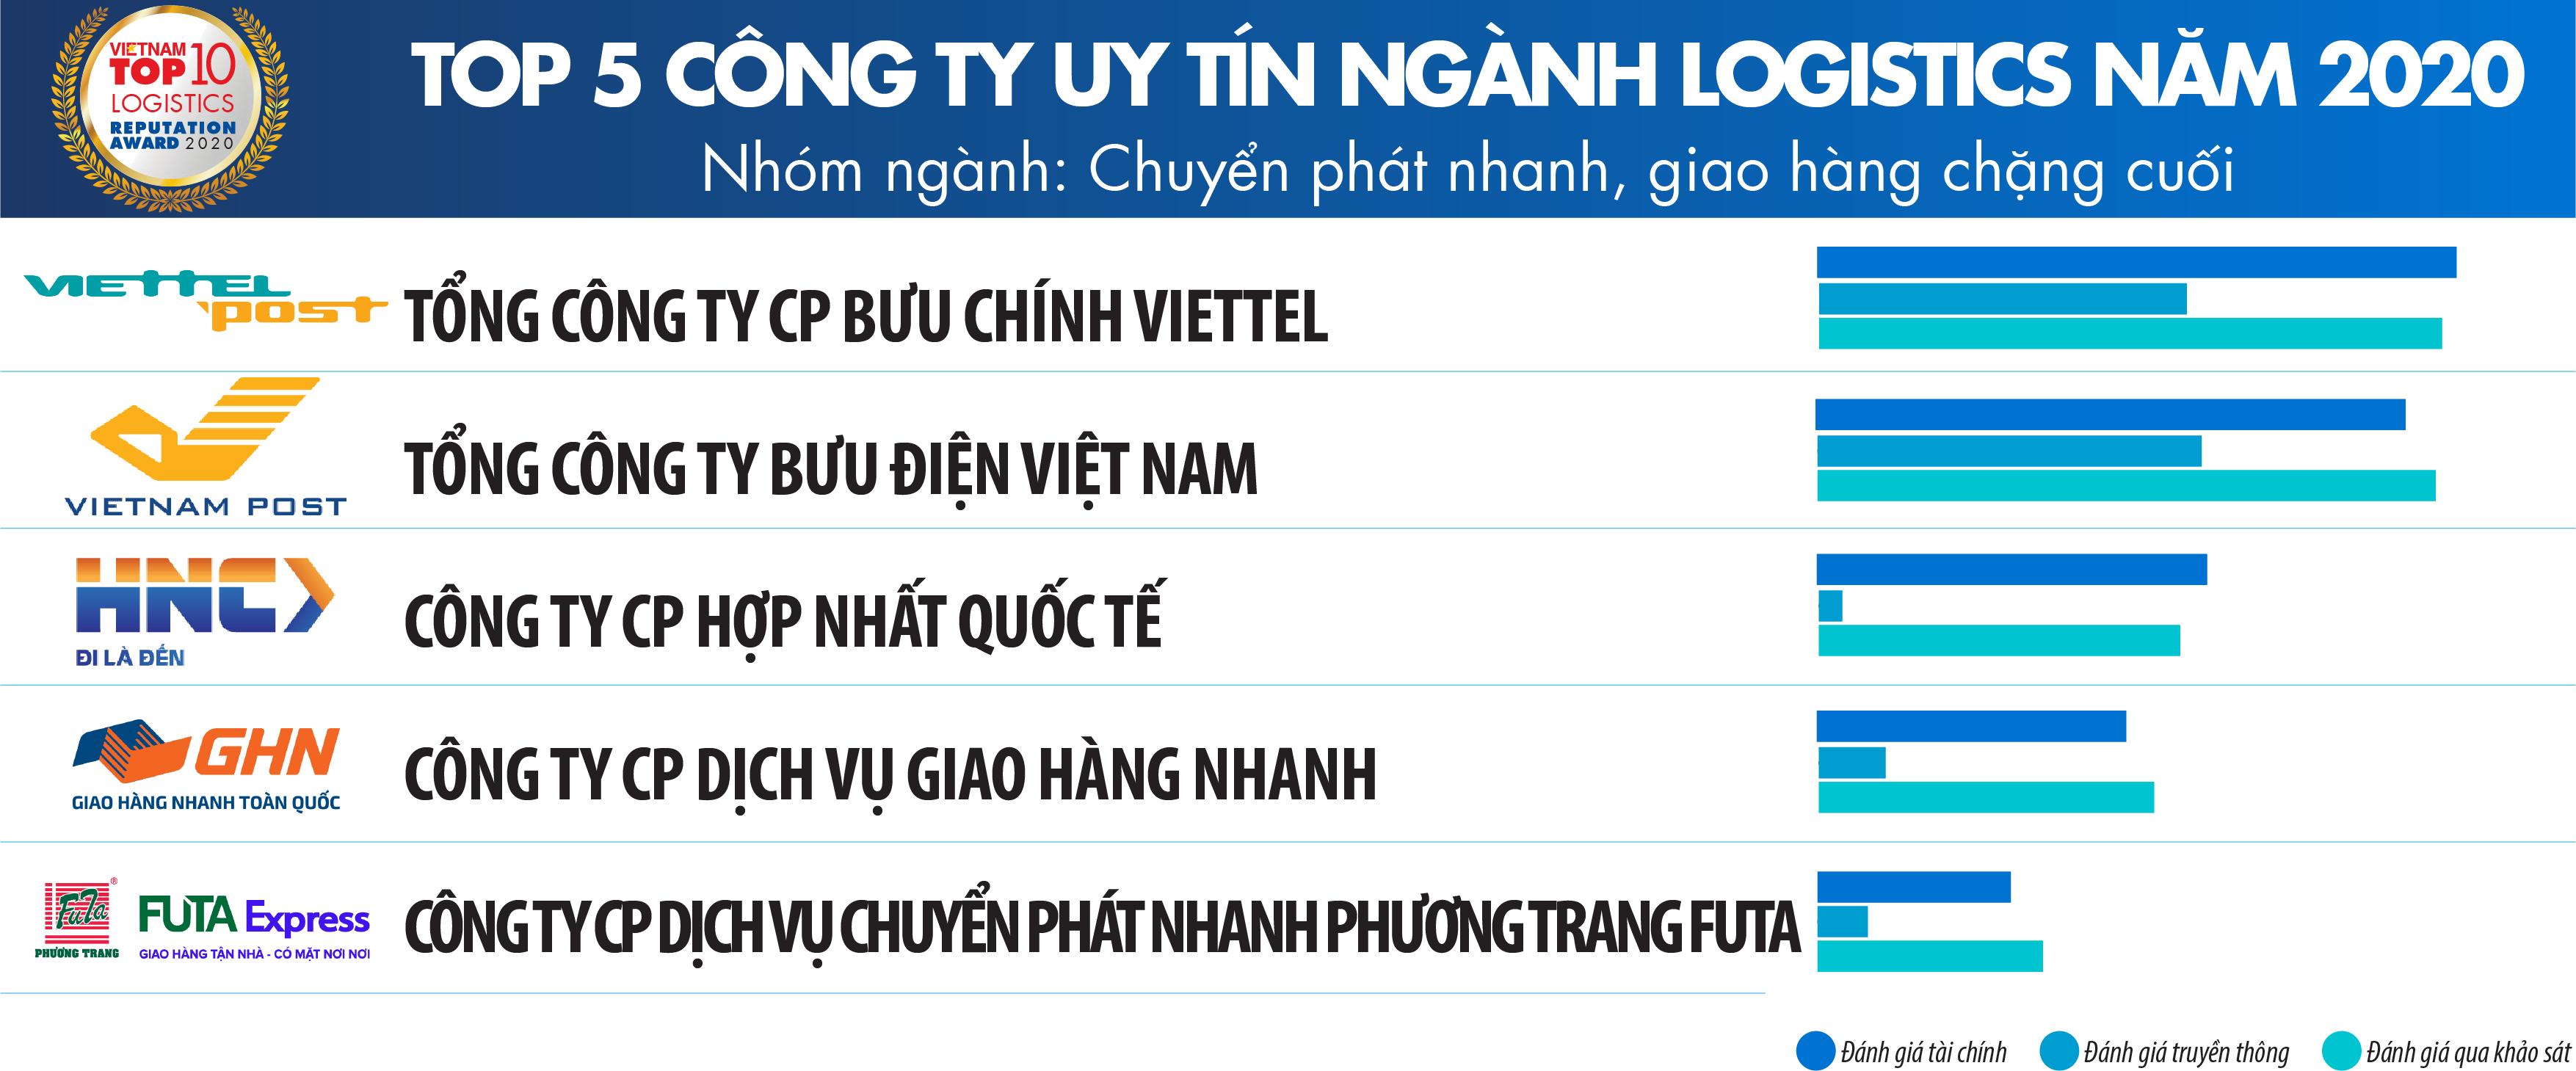 Vietnam Report: Công bố Top Công ty uy tín ngành Logistics năm 2020 - Ảnh 4.